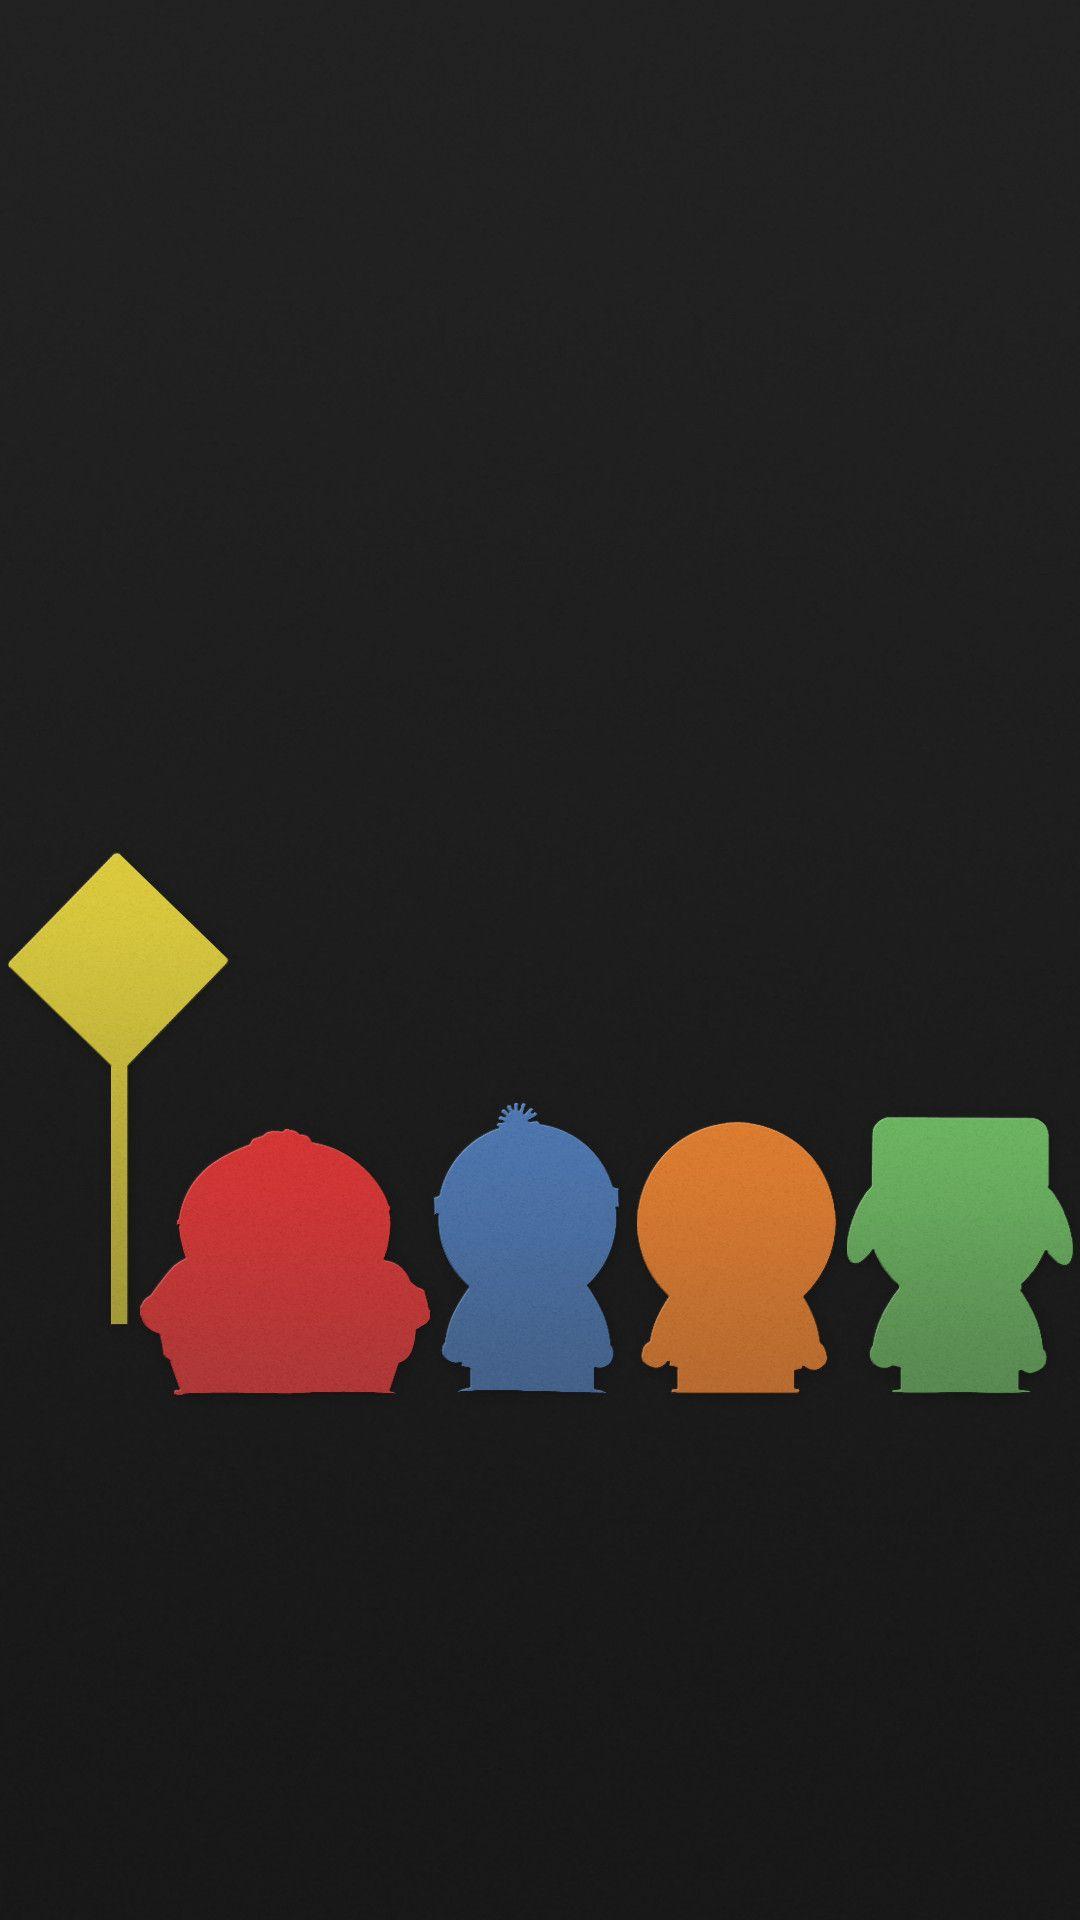 1080x1920 South Park Wallpaper Mobile 1080x1920 Ideas De